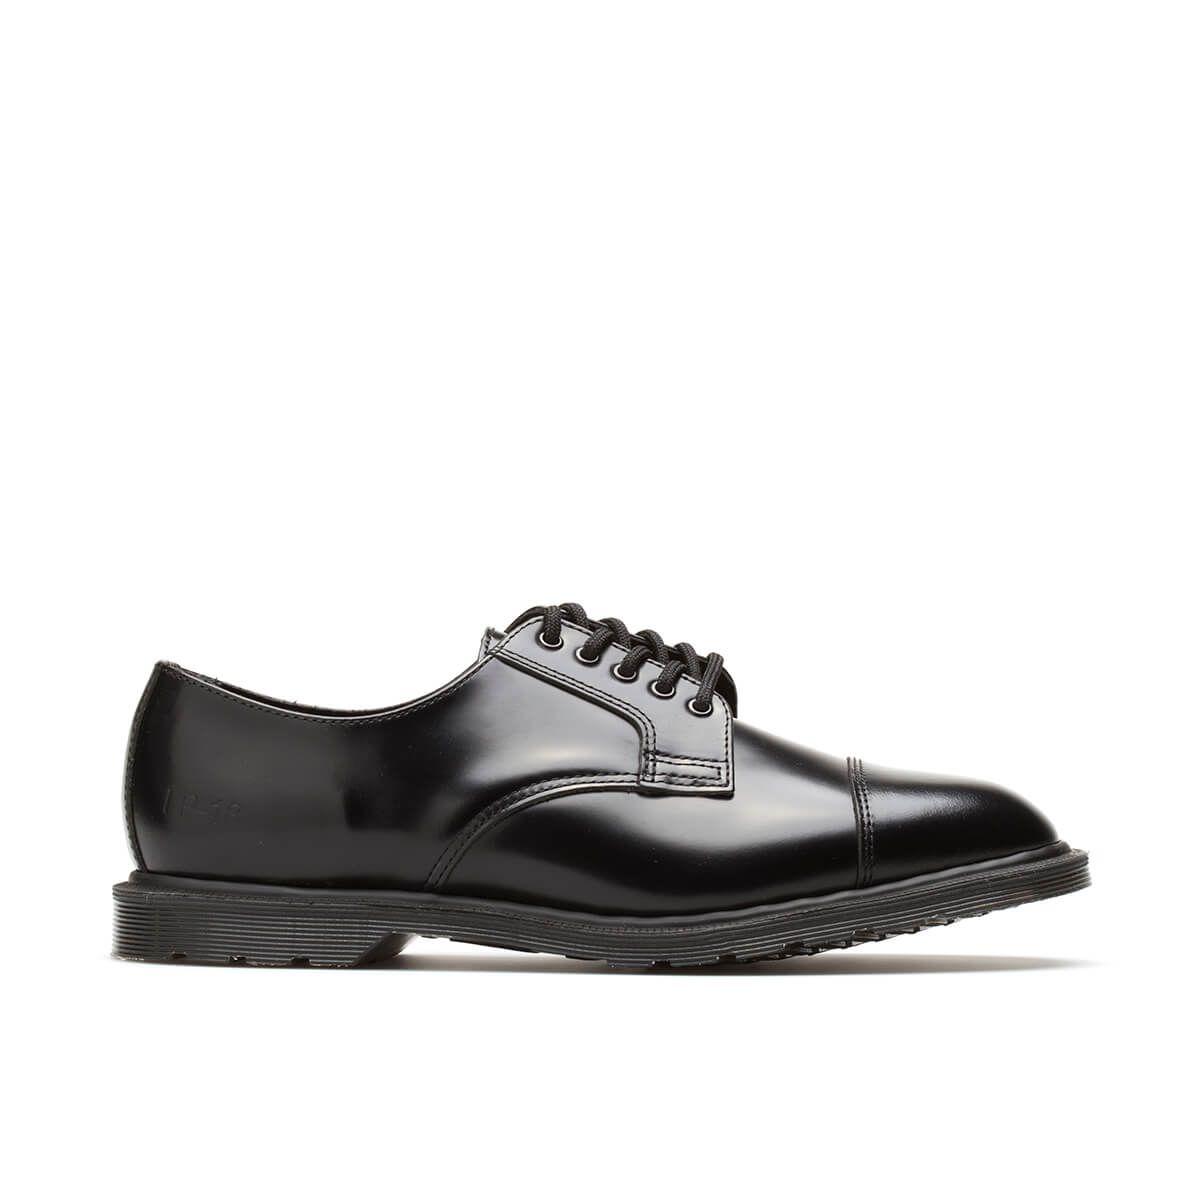 Gosha Rubchinskiy Dr Martens Derby Shoes